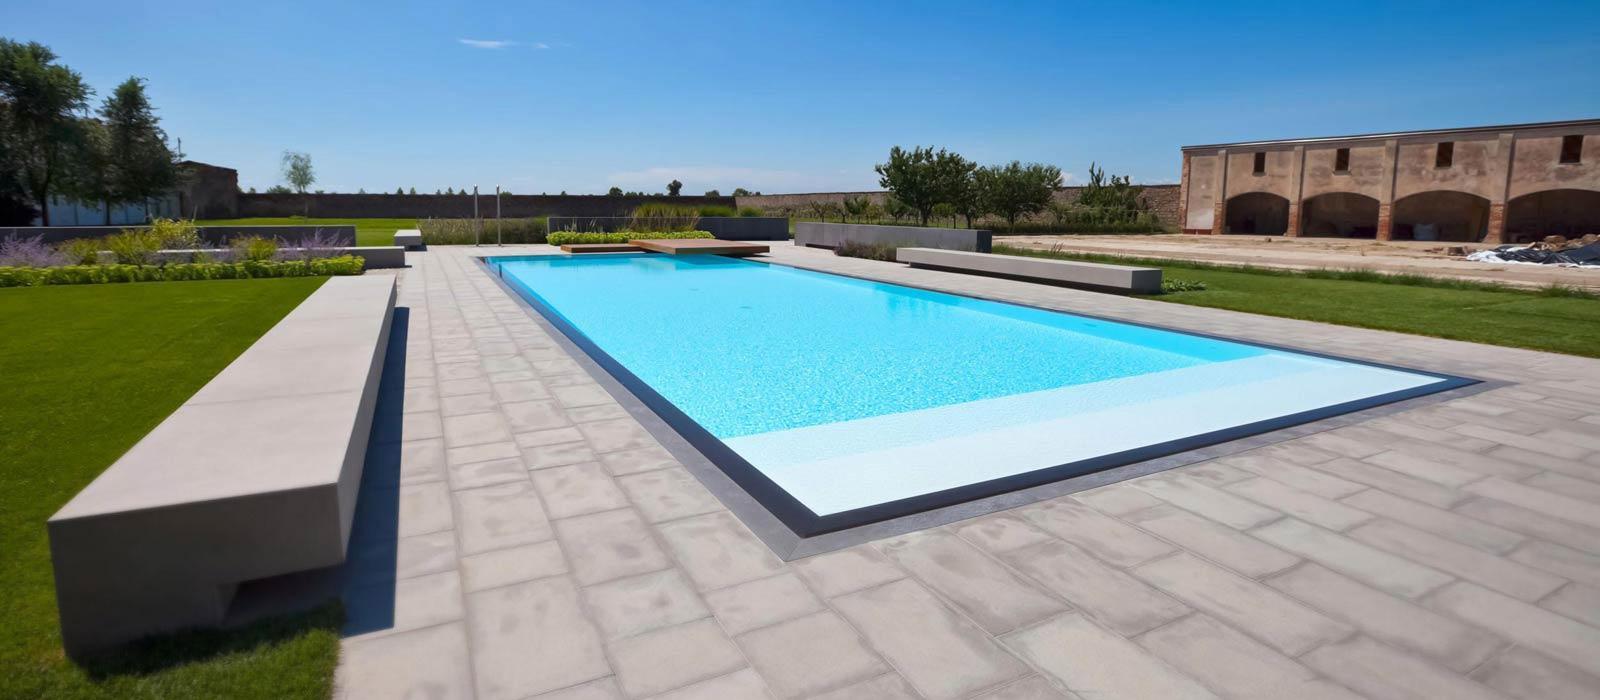 Piscine castiglione costruzione piscine interrate dal 1961 - Piscine per giardino ...